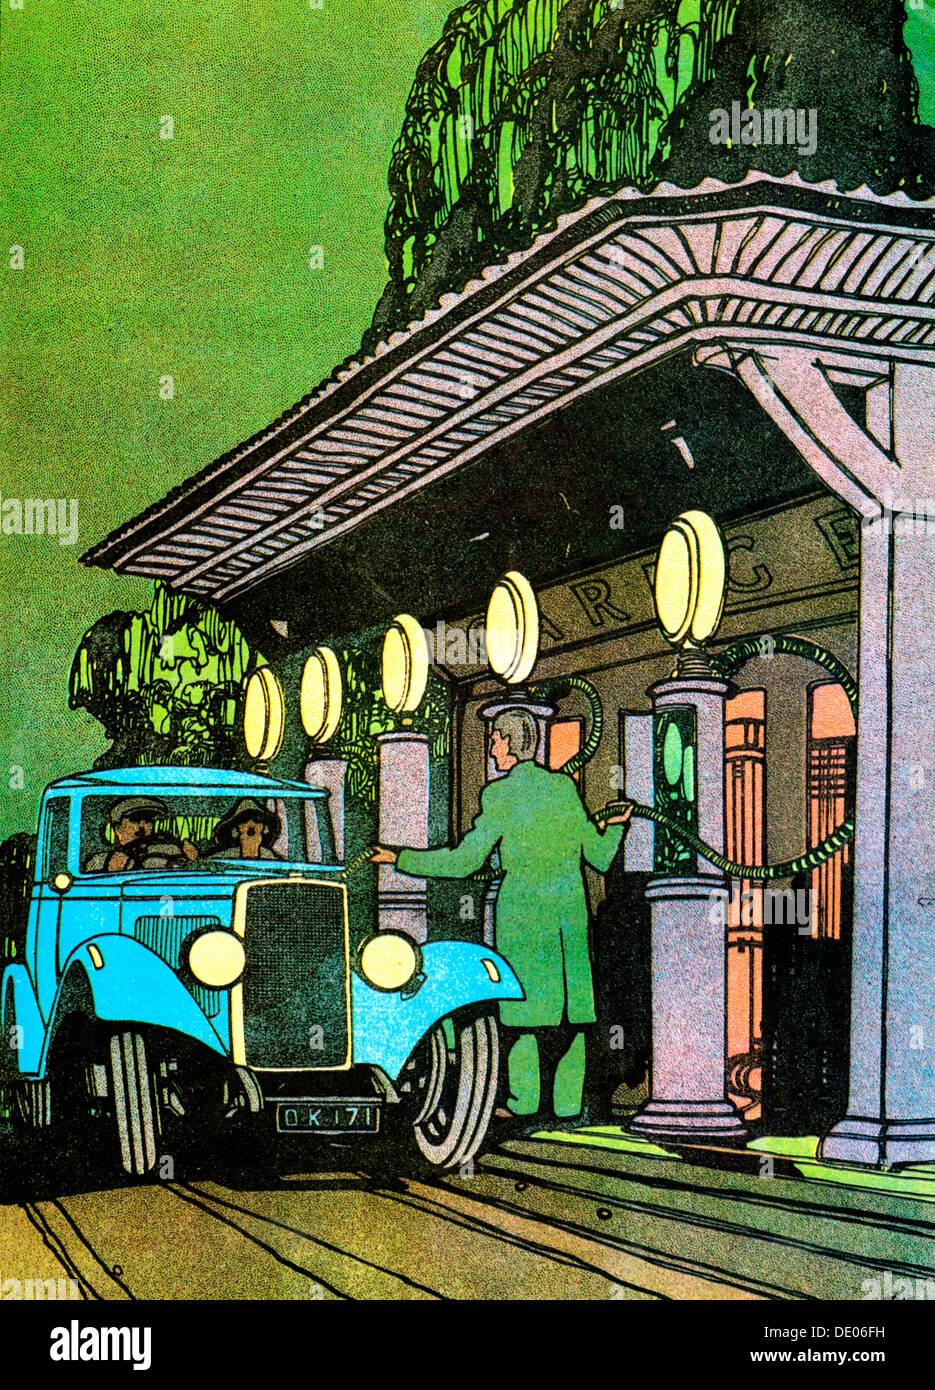 At a filling station, c1930.  Artist: Leslie Carr - Stock Image